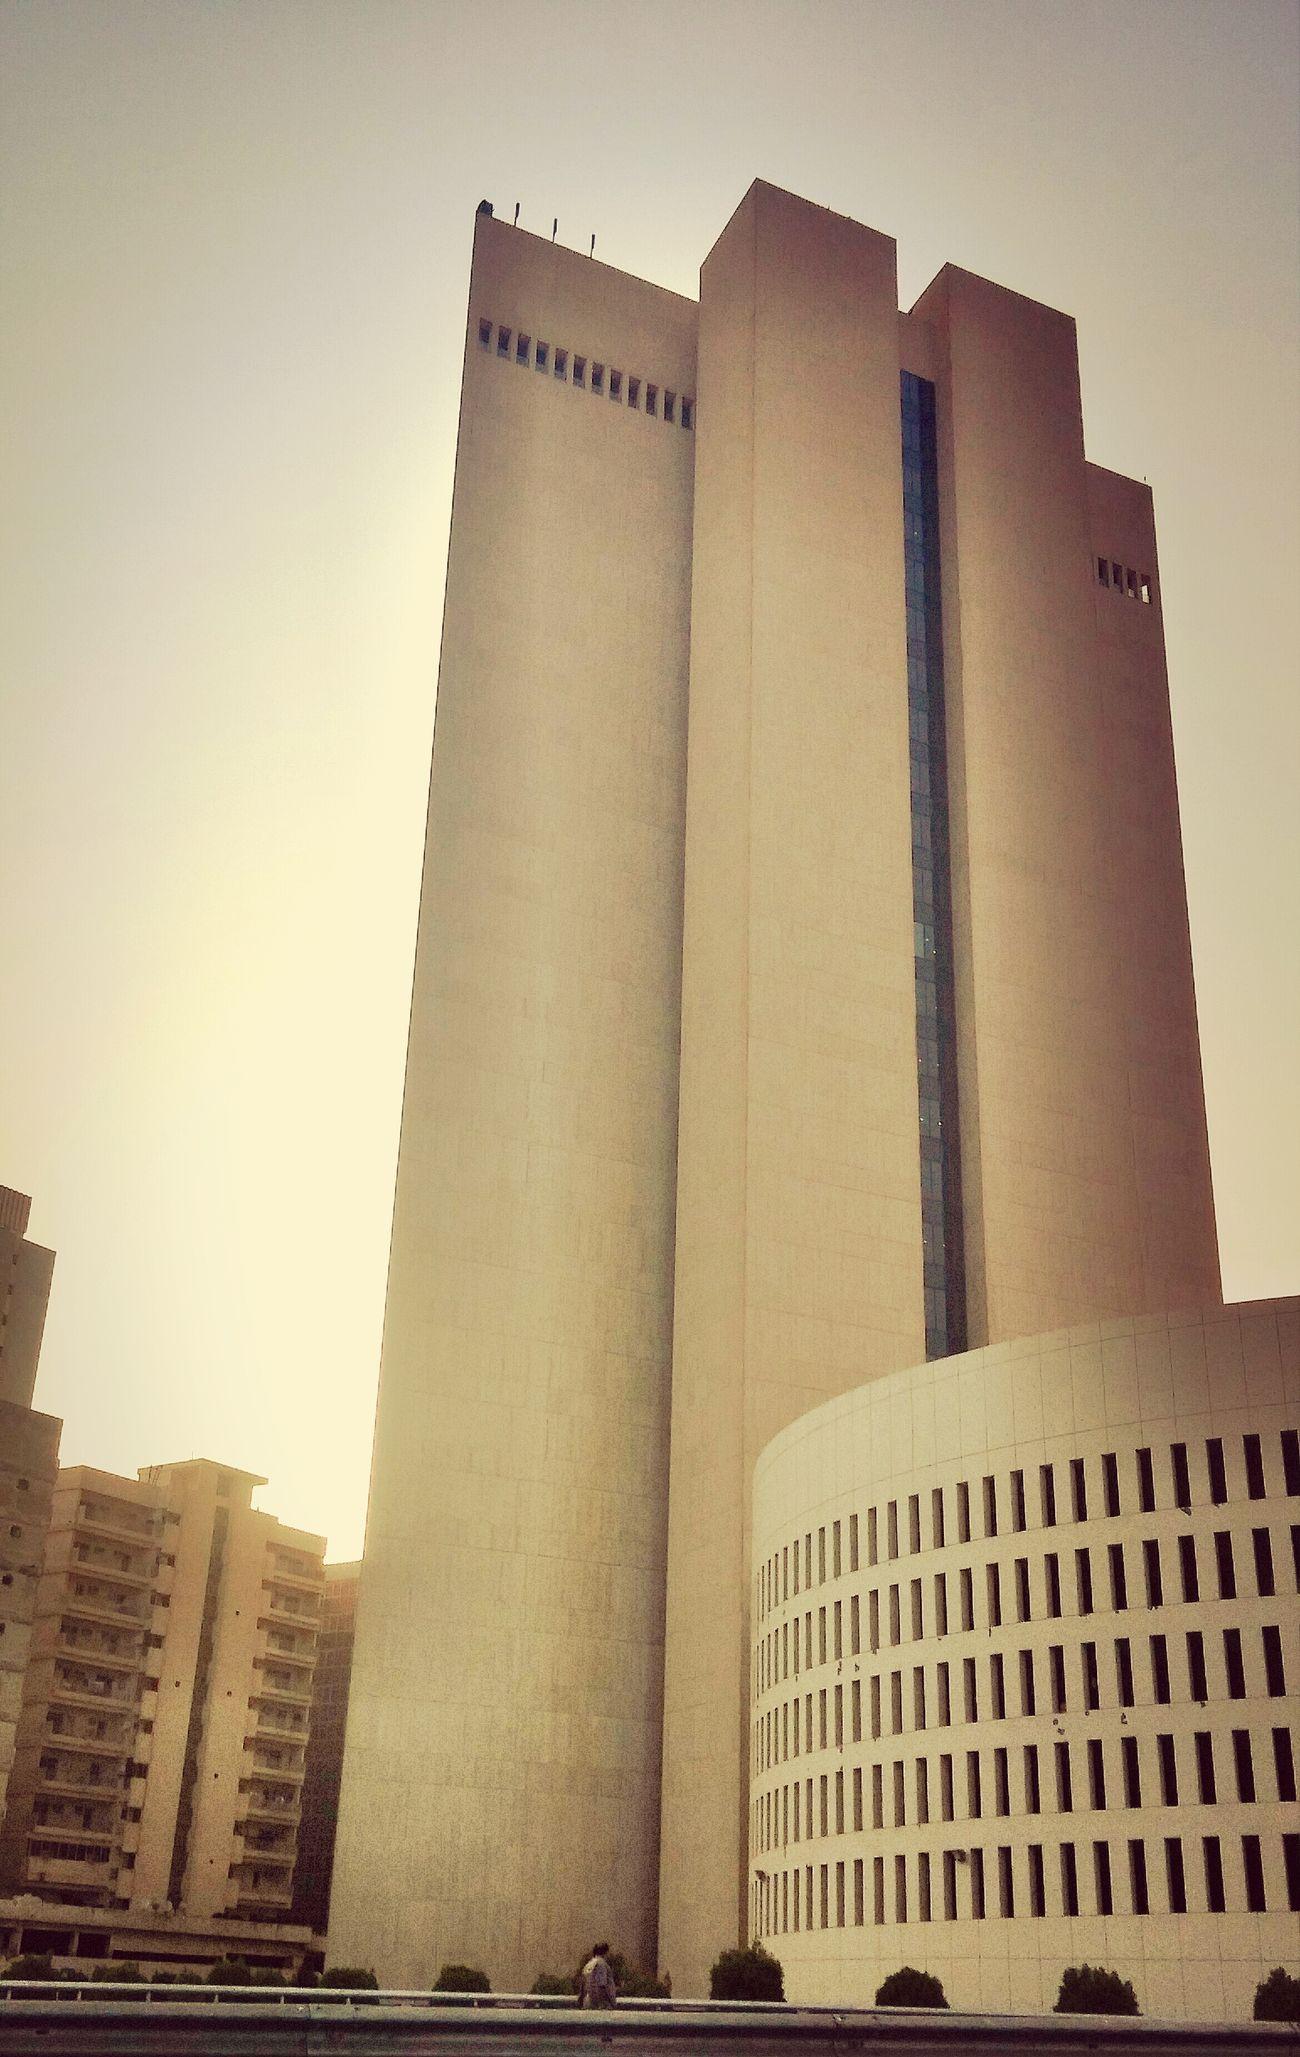 جدة التاريخية تصويري  البنك الأهلي